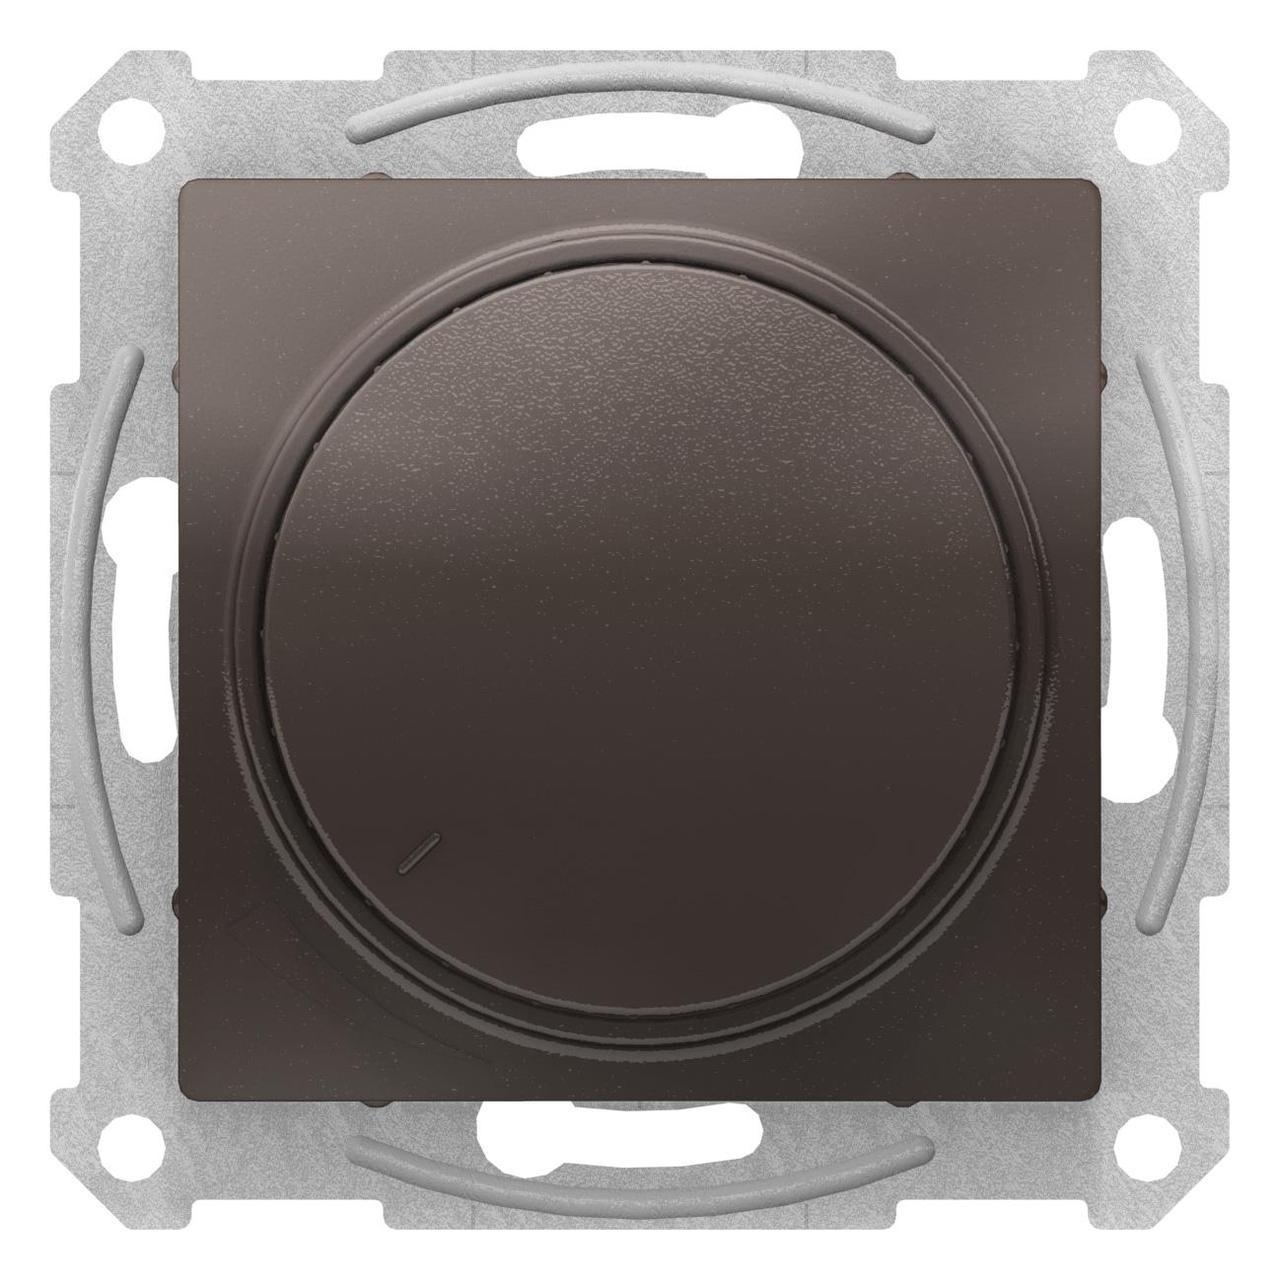 Диммер поворотно-нажимной , 600Вт для ламп накаливания , Мокко, серия Atlas Design, Schneider Electric